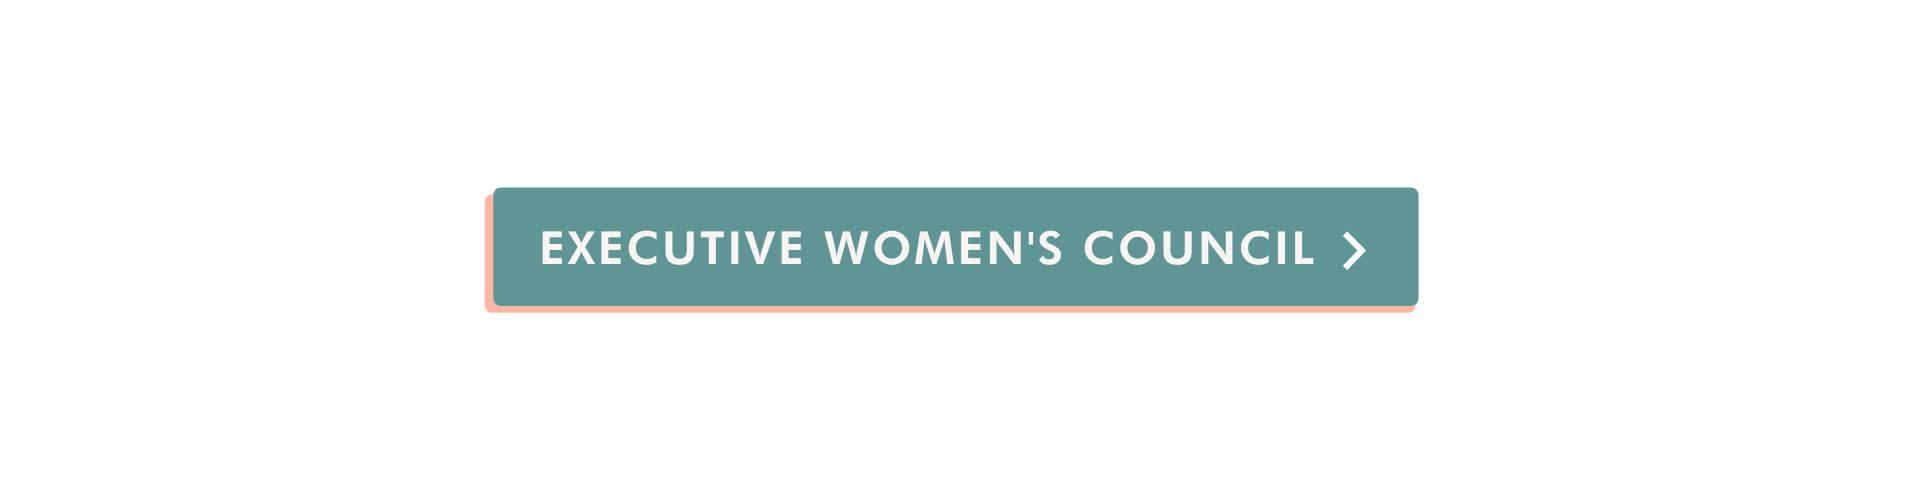 Executive-Women's-Council-Button.png